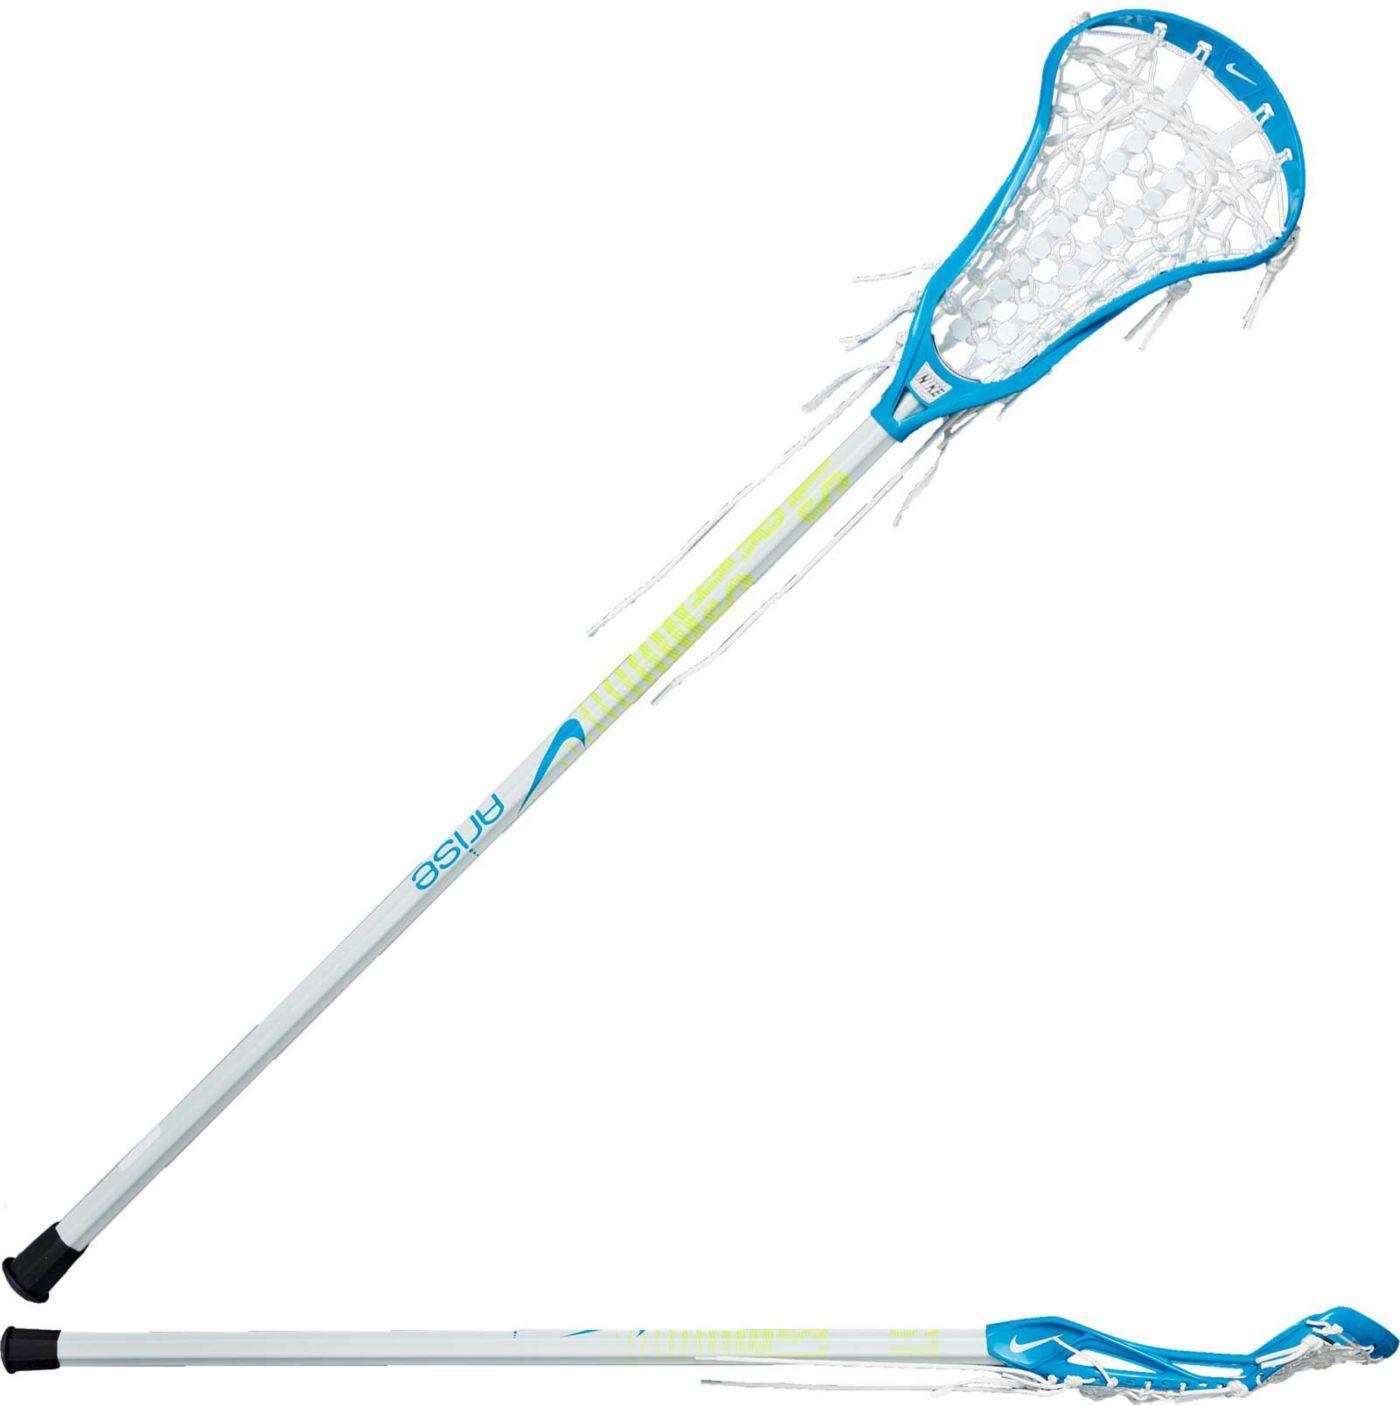 Nike Women's Lunar on Arise Lacrosse Stick